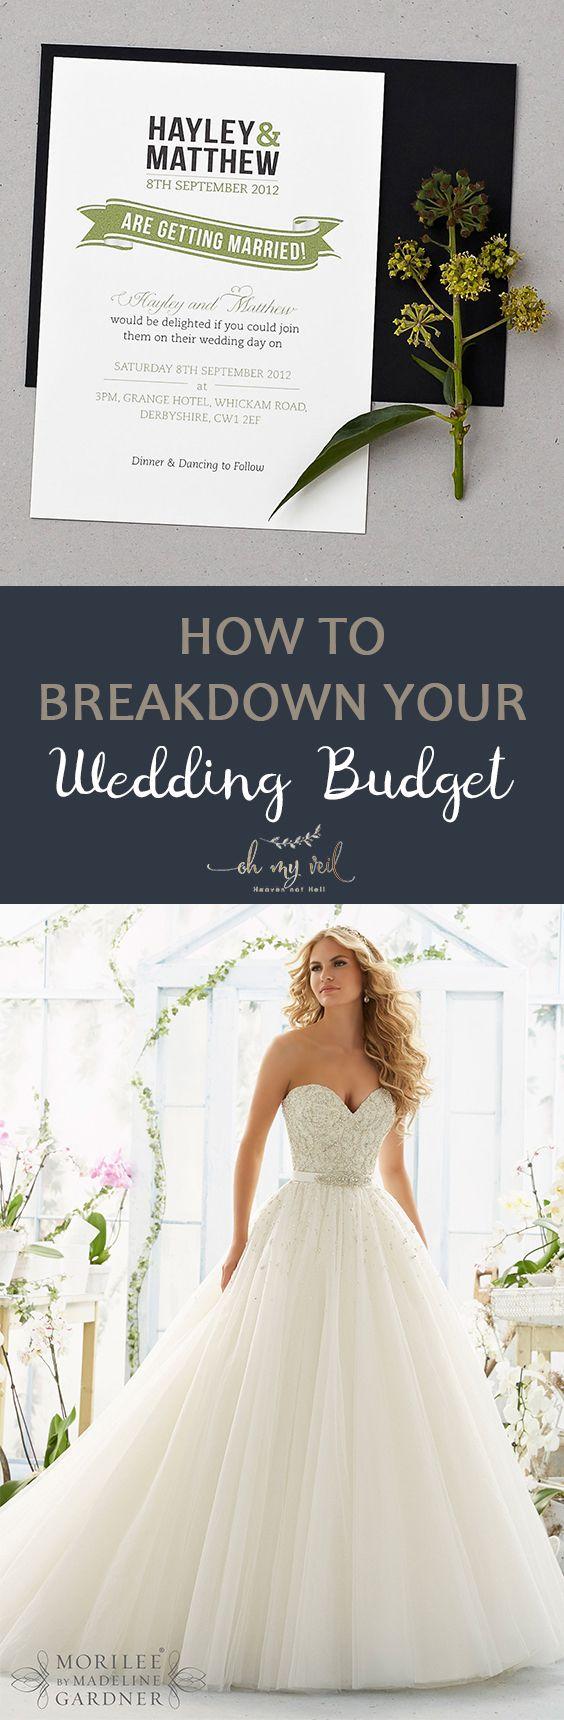 wedding budget wedding budgeting how to budget for your wedding